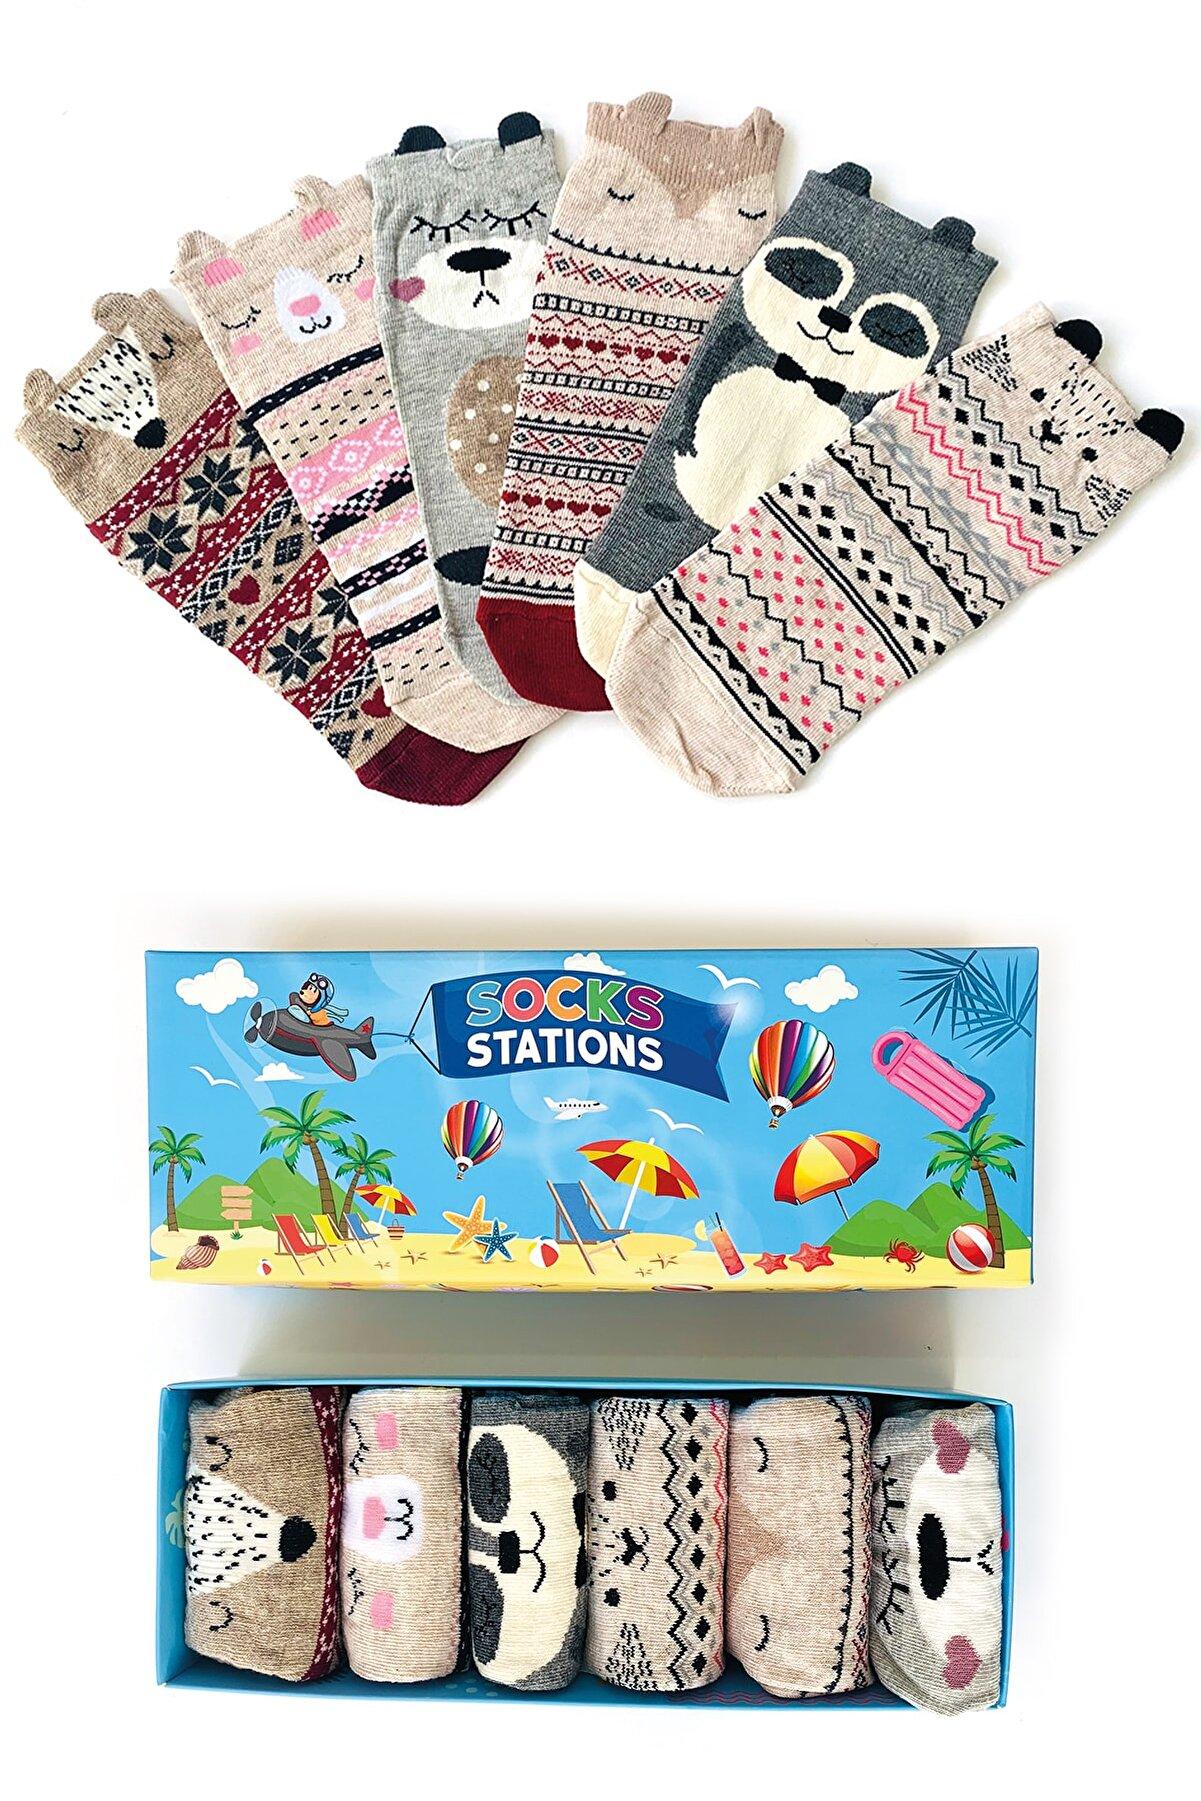 Socks Stations Kadın Kulaklı Süslemeli Hayvancık Bilek Çorap Kutusu 6'lı